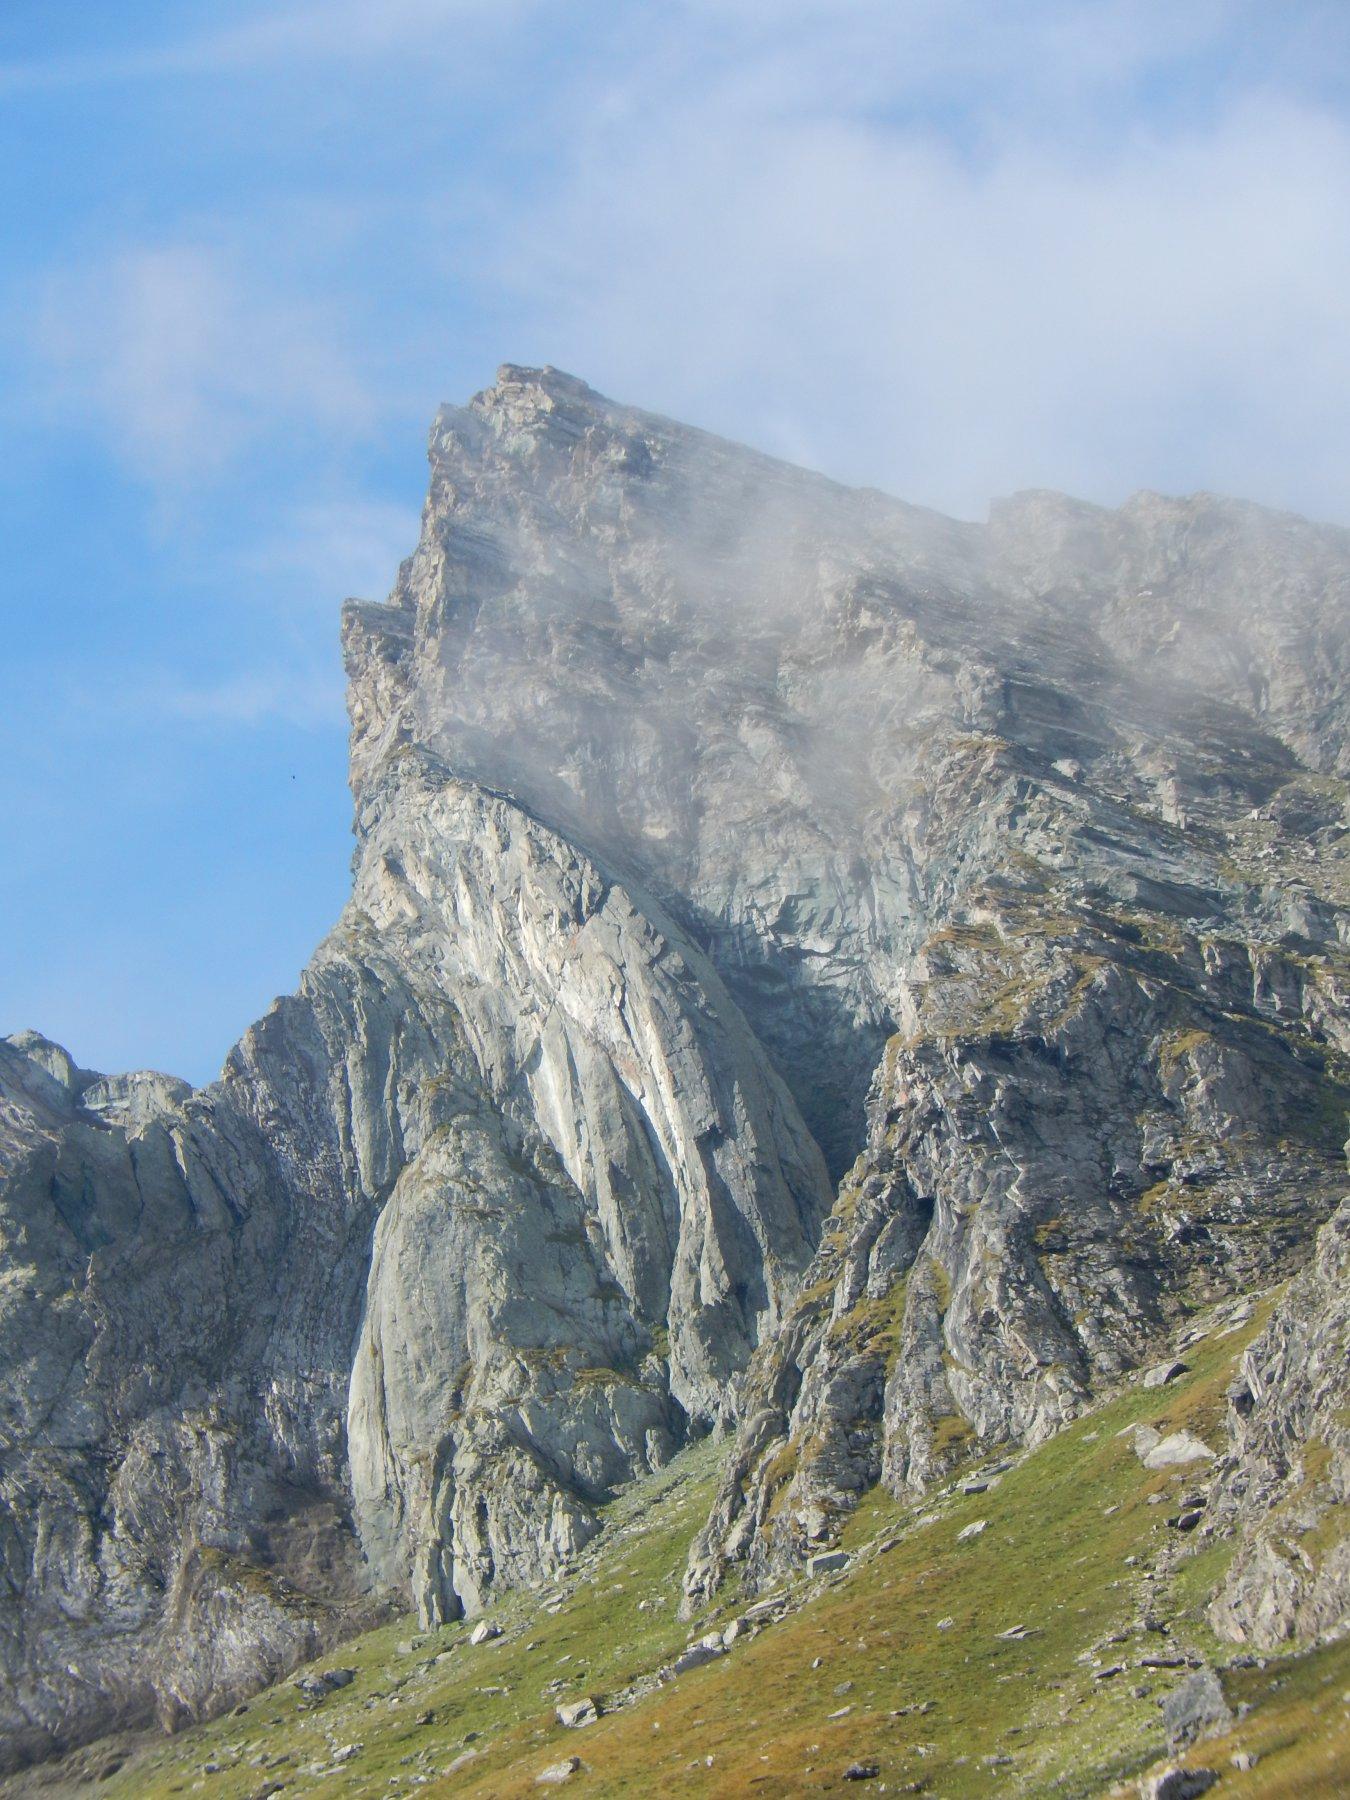 il pilastro grigio della quota 2880 del M. Bessanetto